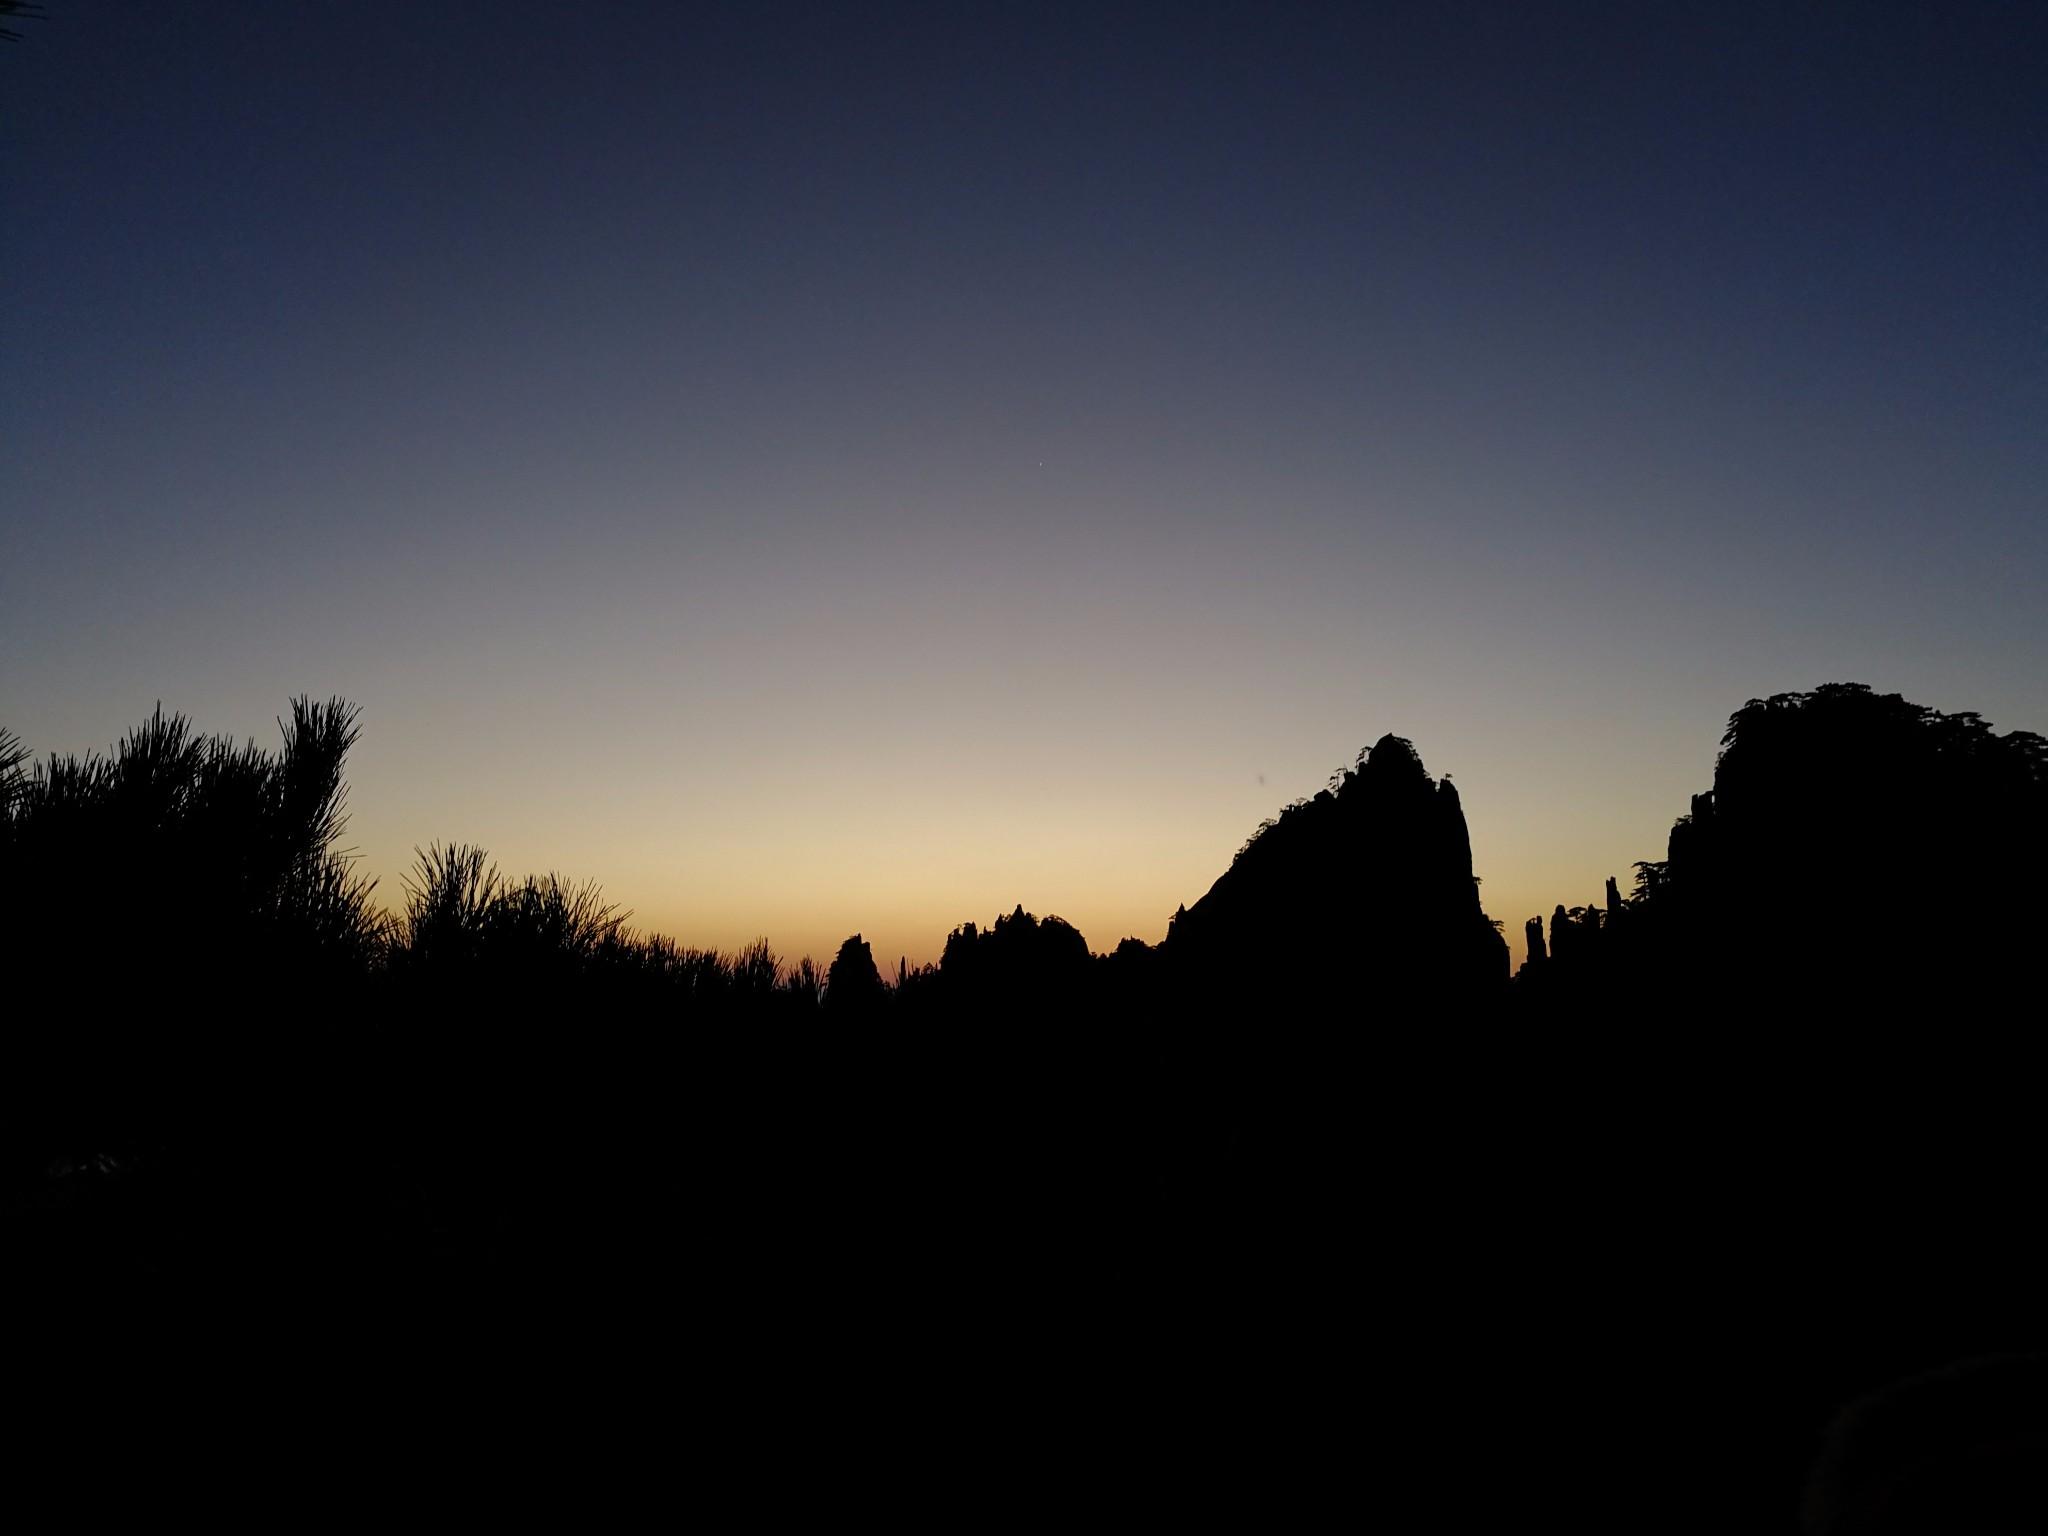 狮子峰上赏日出  自由呼吸天地间